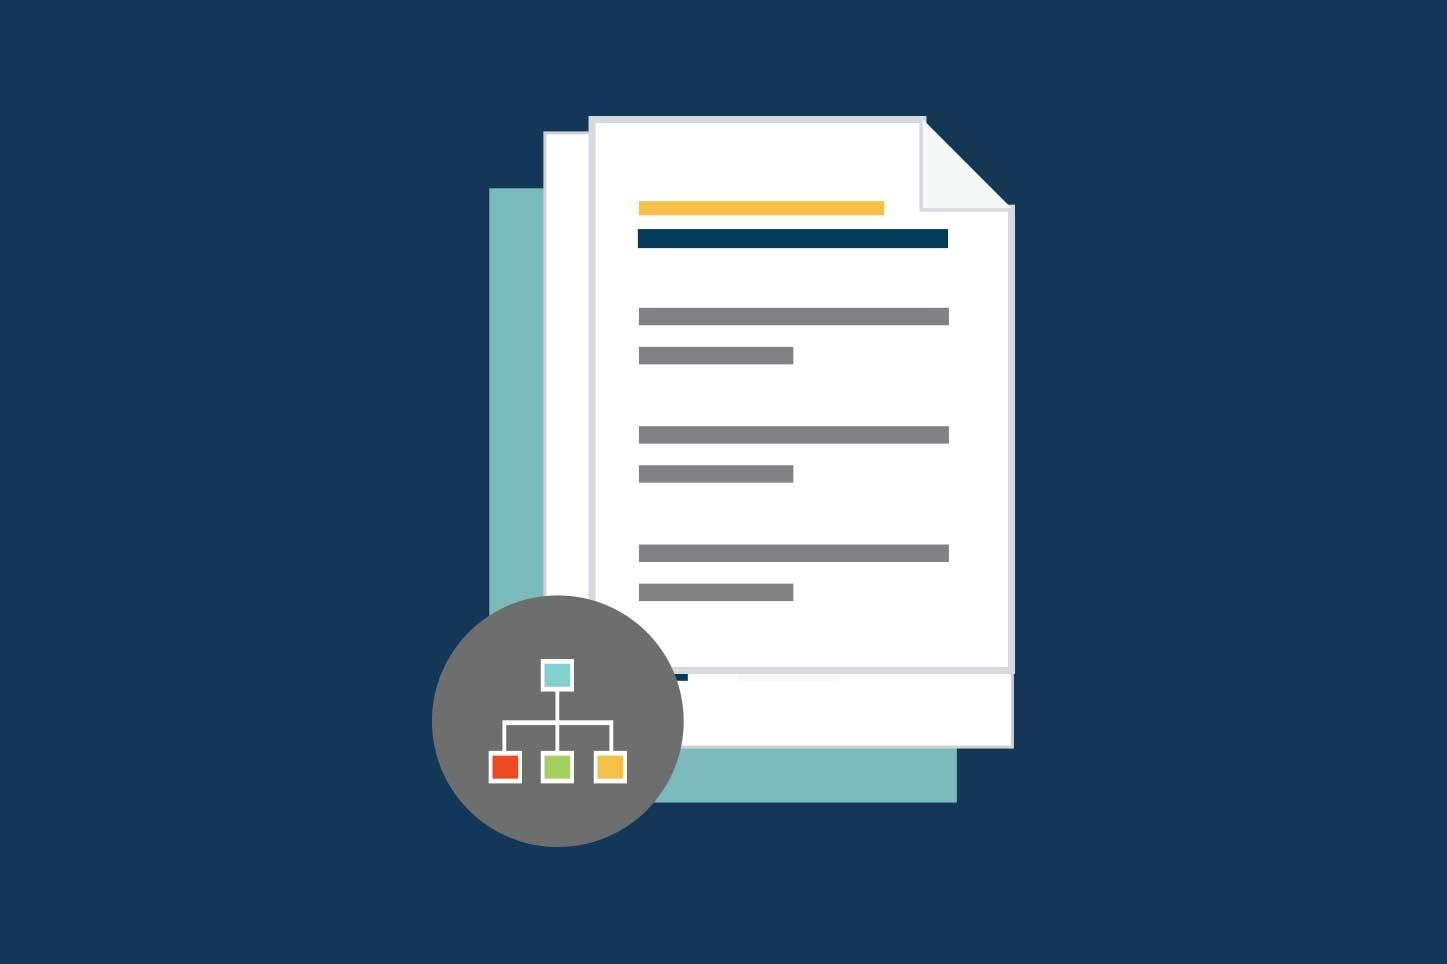 V_provider_enrollment_home